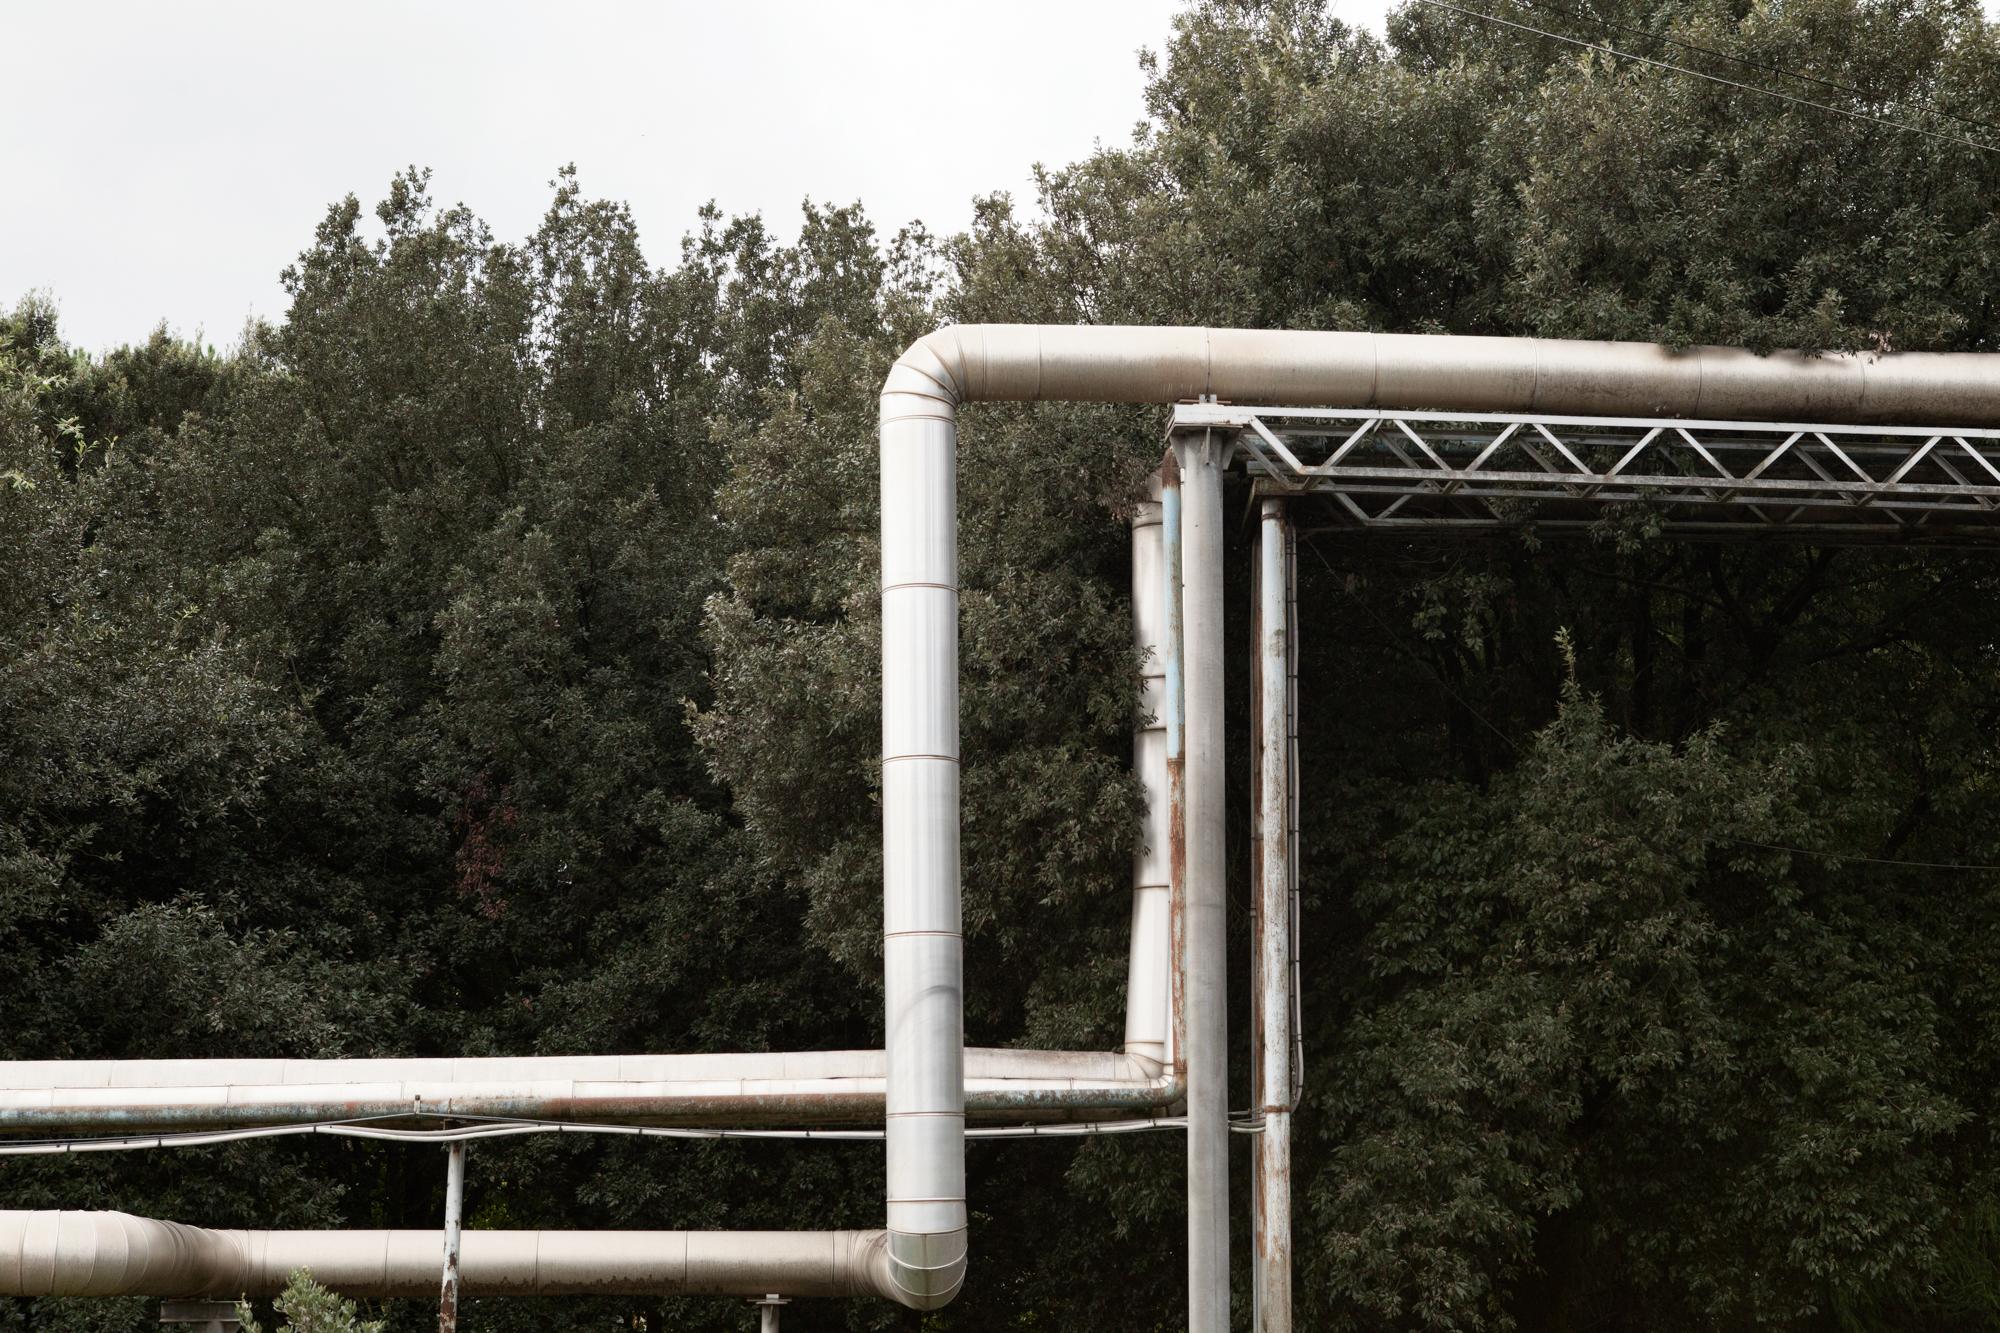 Strutture industriali appartenenti alla società BPD, operante nell'industria bellica.Colleferro, novembre 2013